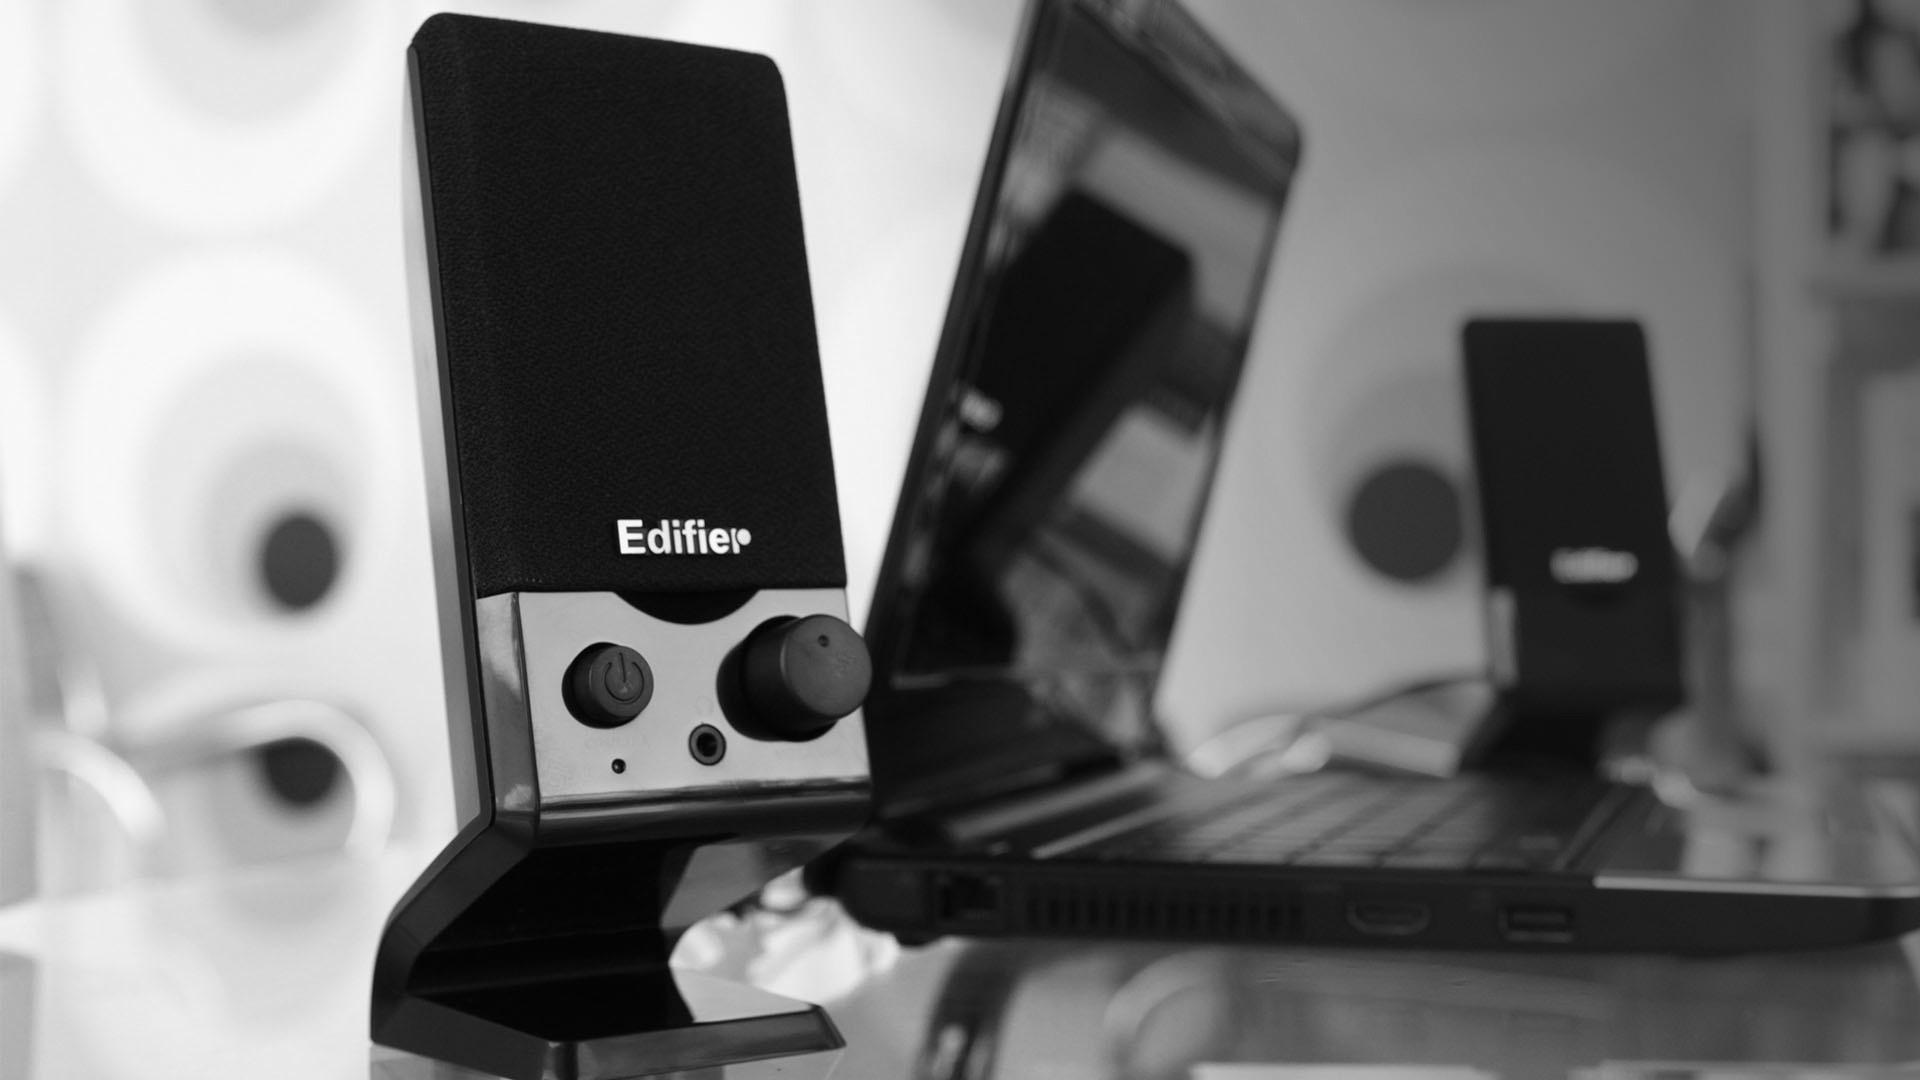 Edifier M1250 USB Powered 2.0 Speaker Set